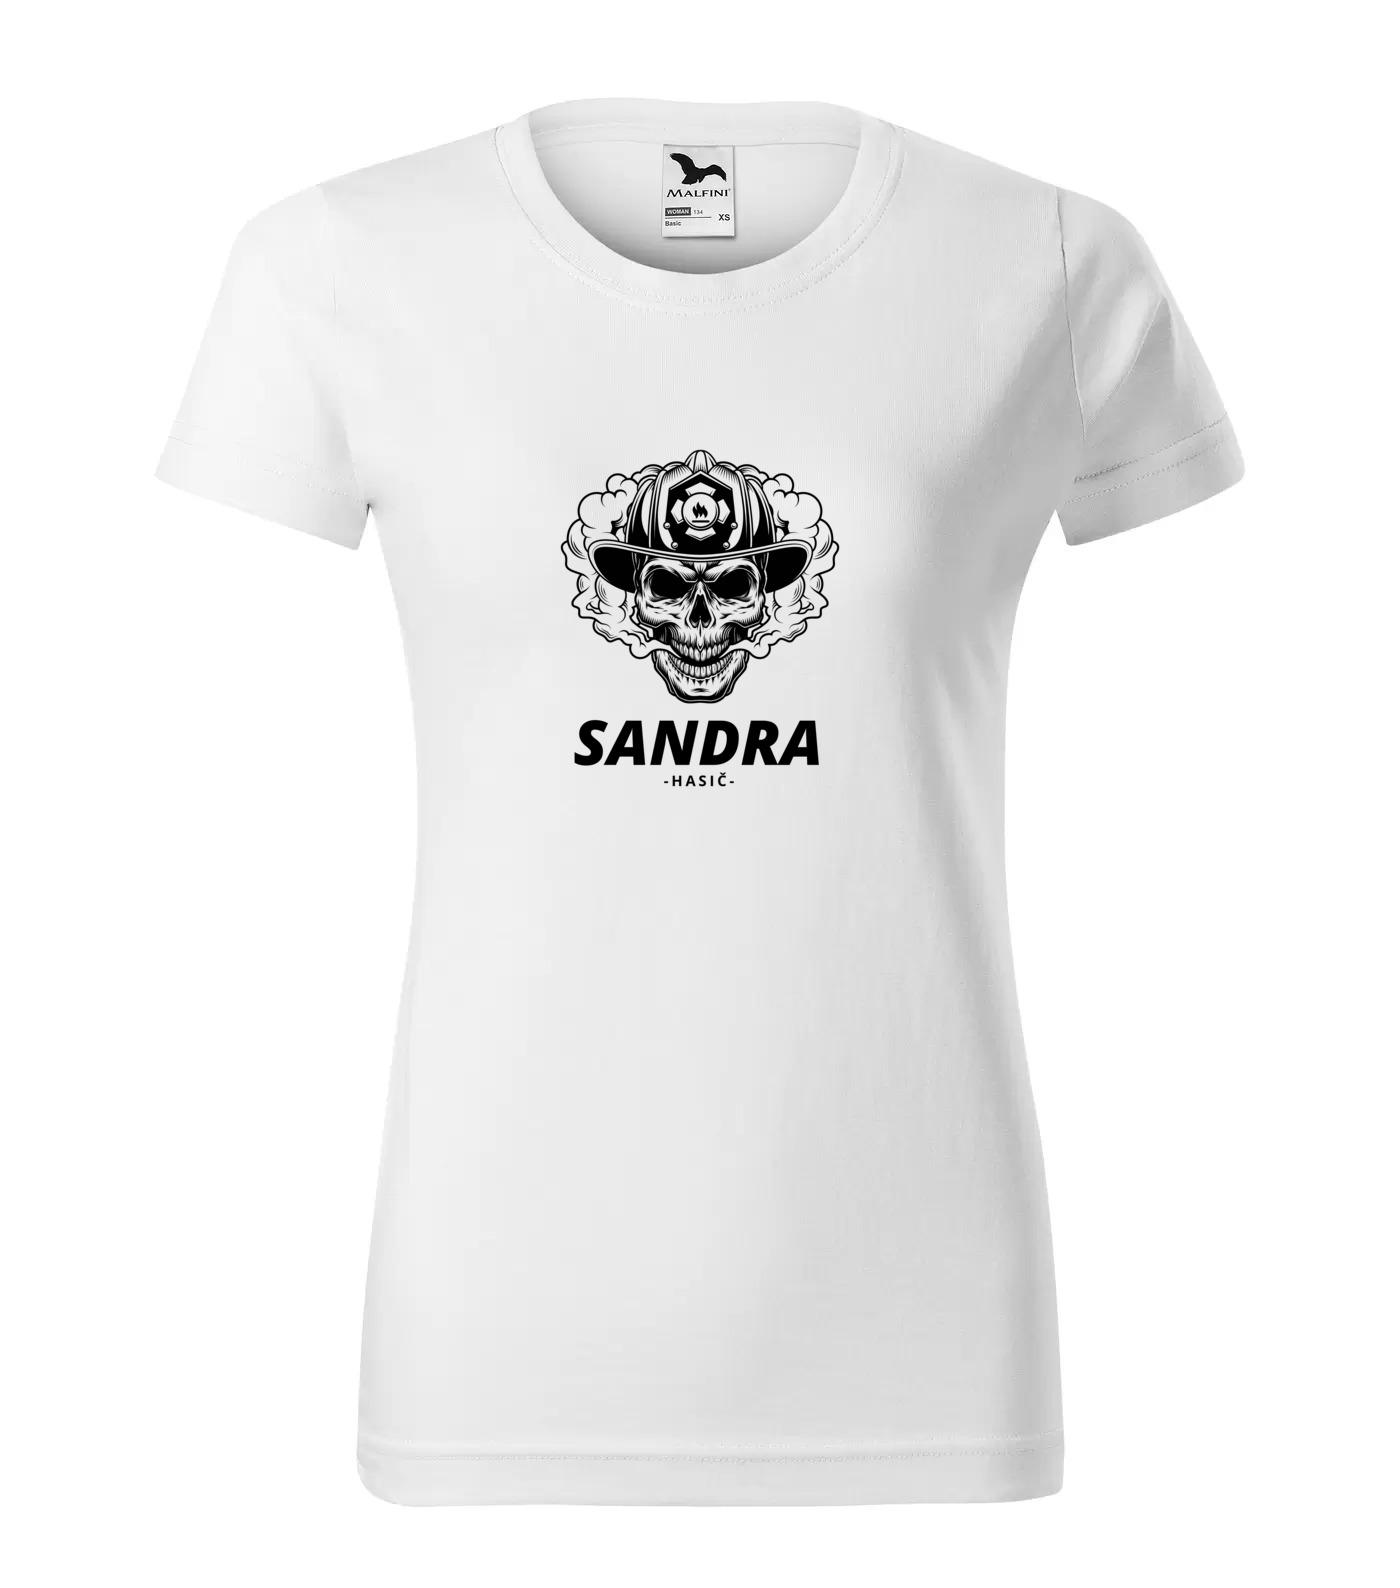 Tričko Hasič Sandra